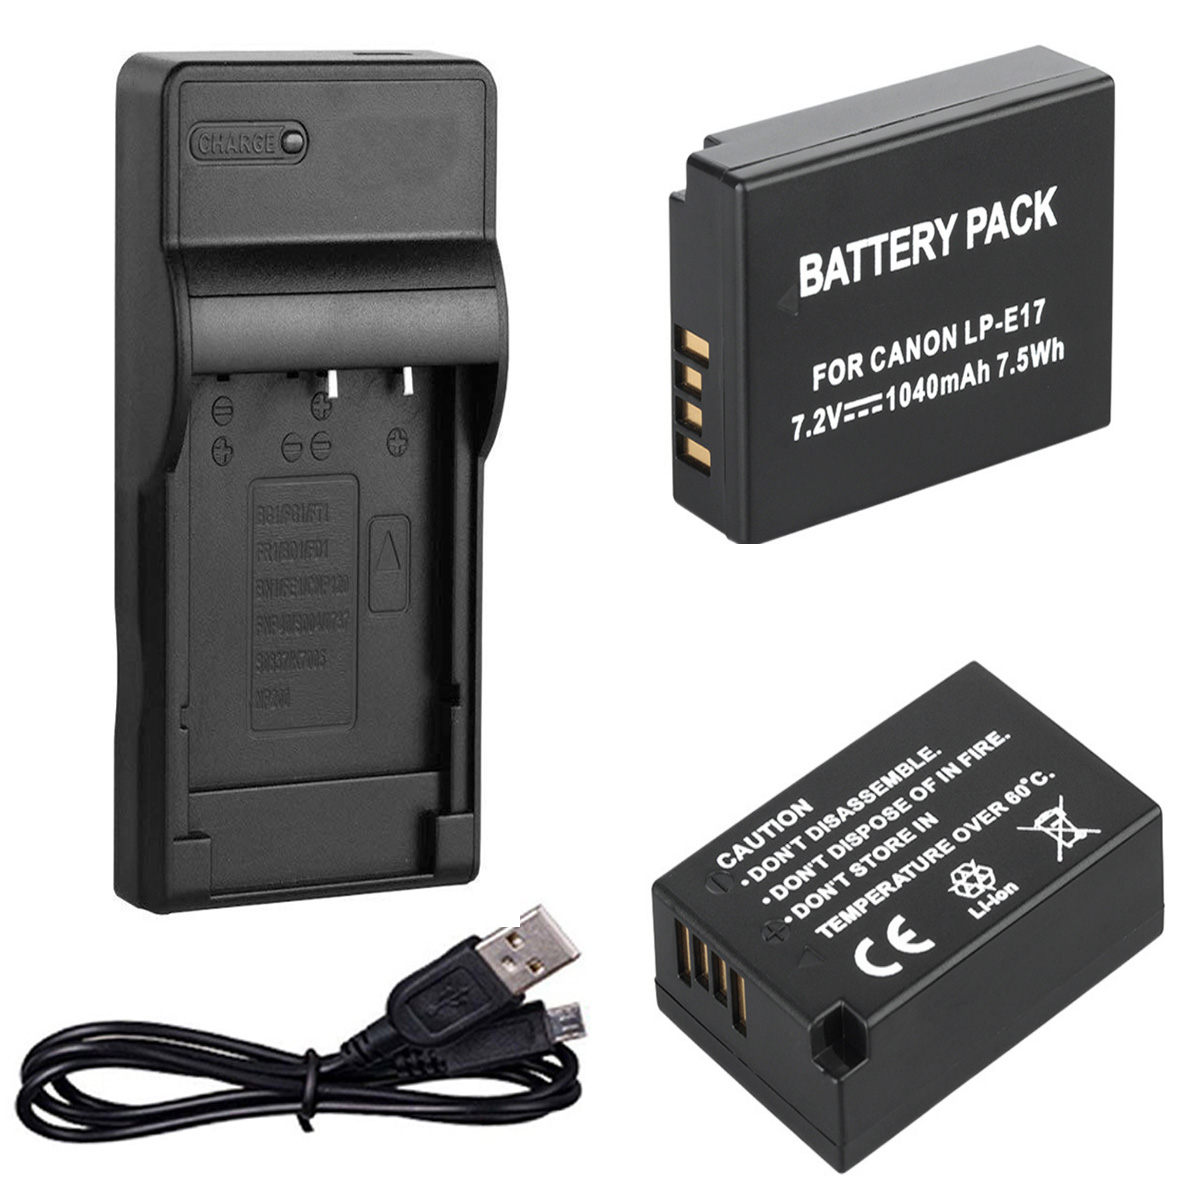 Battery (2) + USB Charger For Canon EOS 77D,200D, 750D, 760D, 800D, 8000D,9000D, EOS Rebel SL2, T6s, T6i, T7i Digital SLR Camera